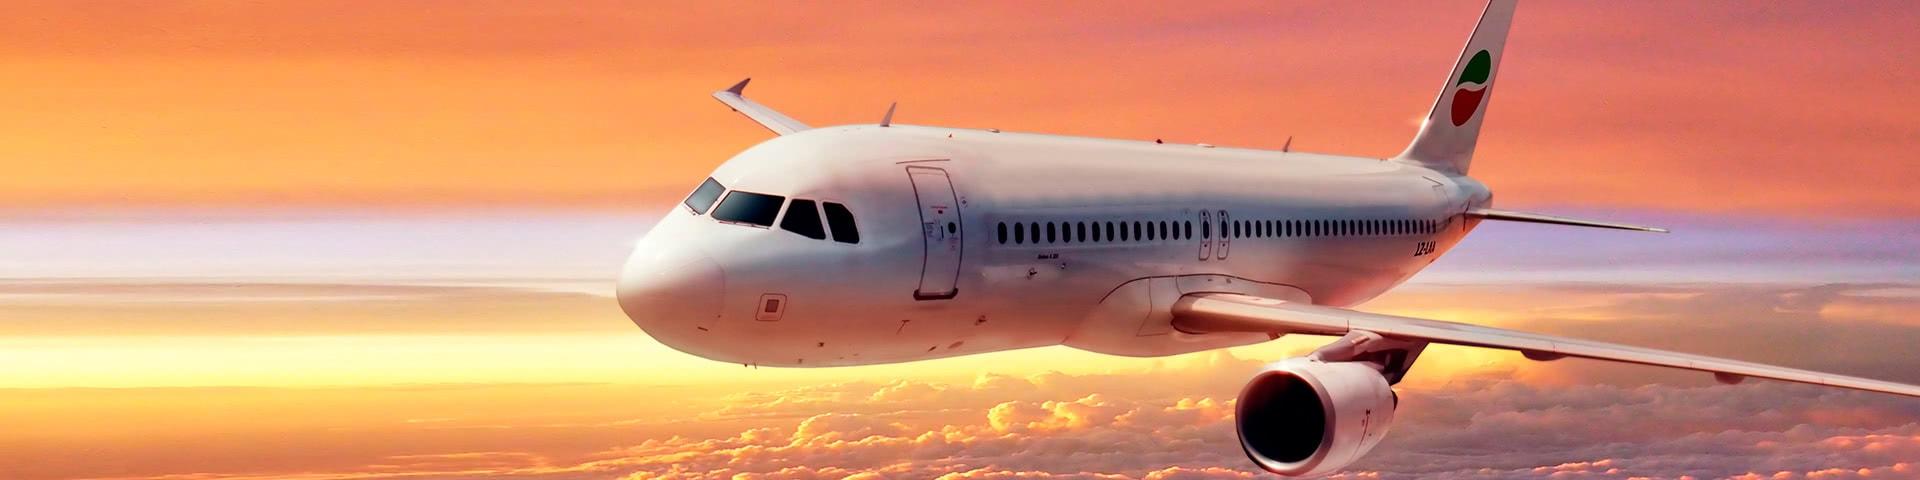 Fliegendes Flugzeug am Himmel bei Sonnenuntergang auf dem Weg nach Bulgarien